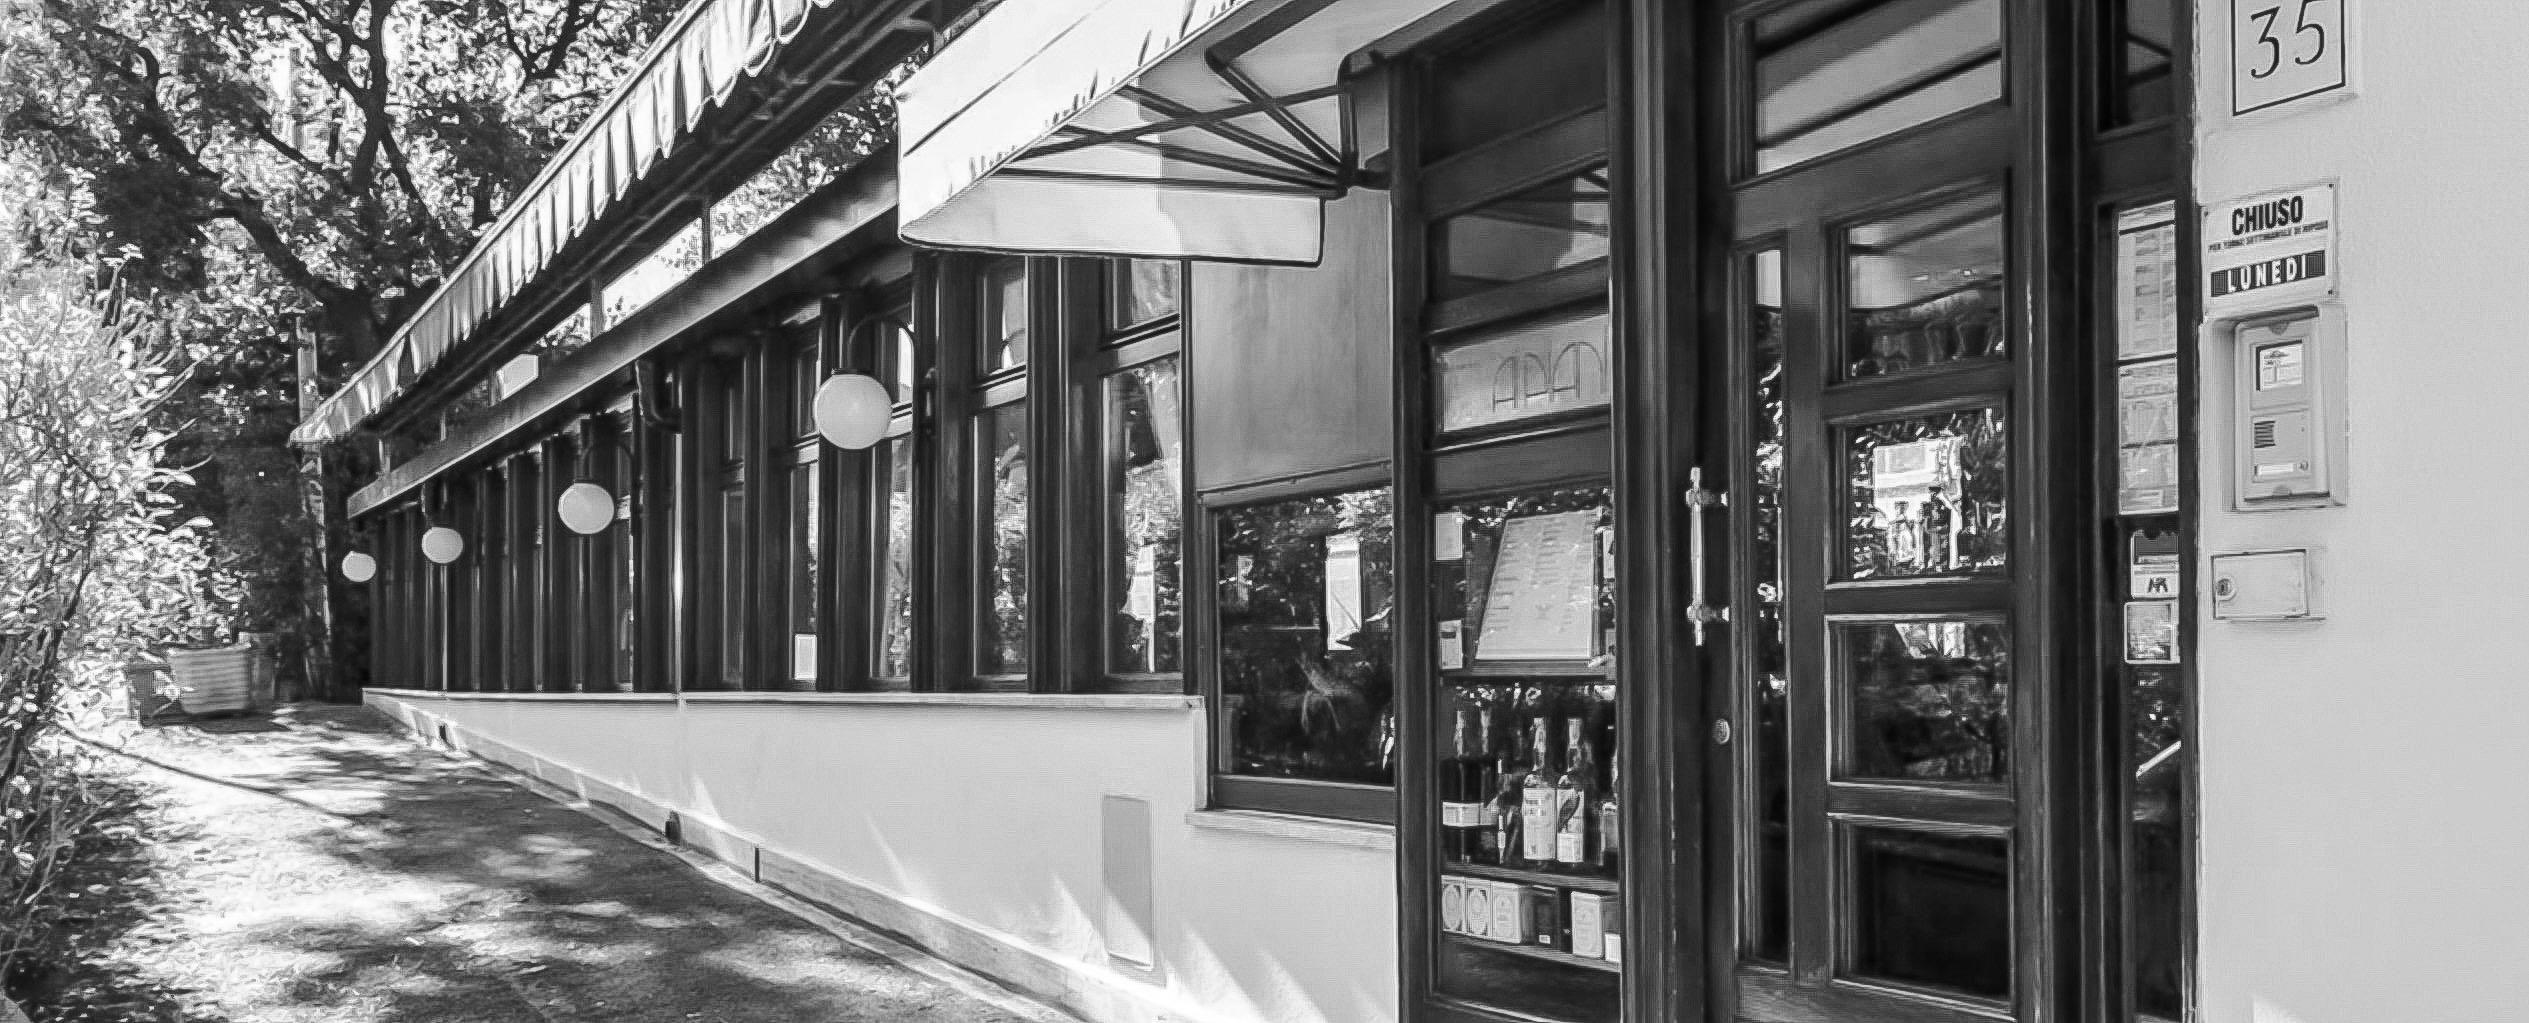 ai_piani_ristorante_roma_parioli_nord_pesce_miglior